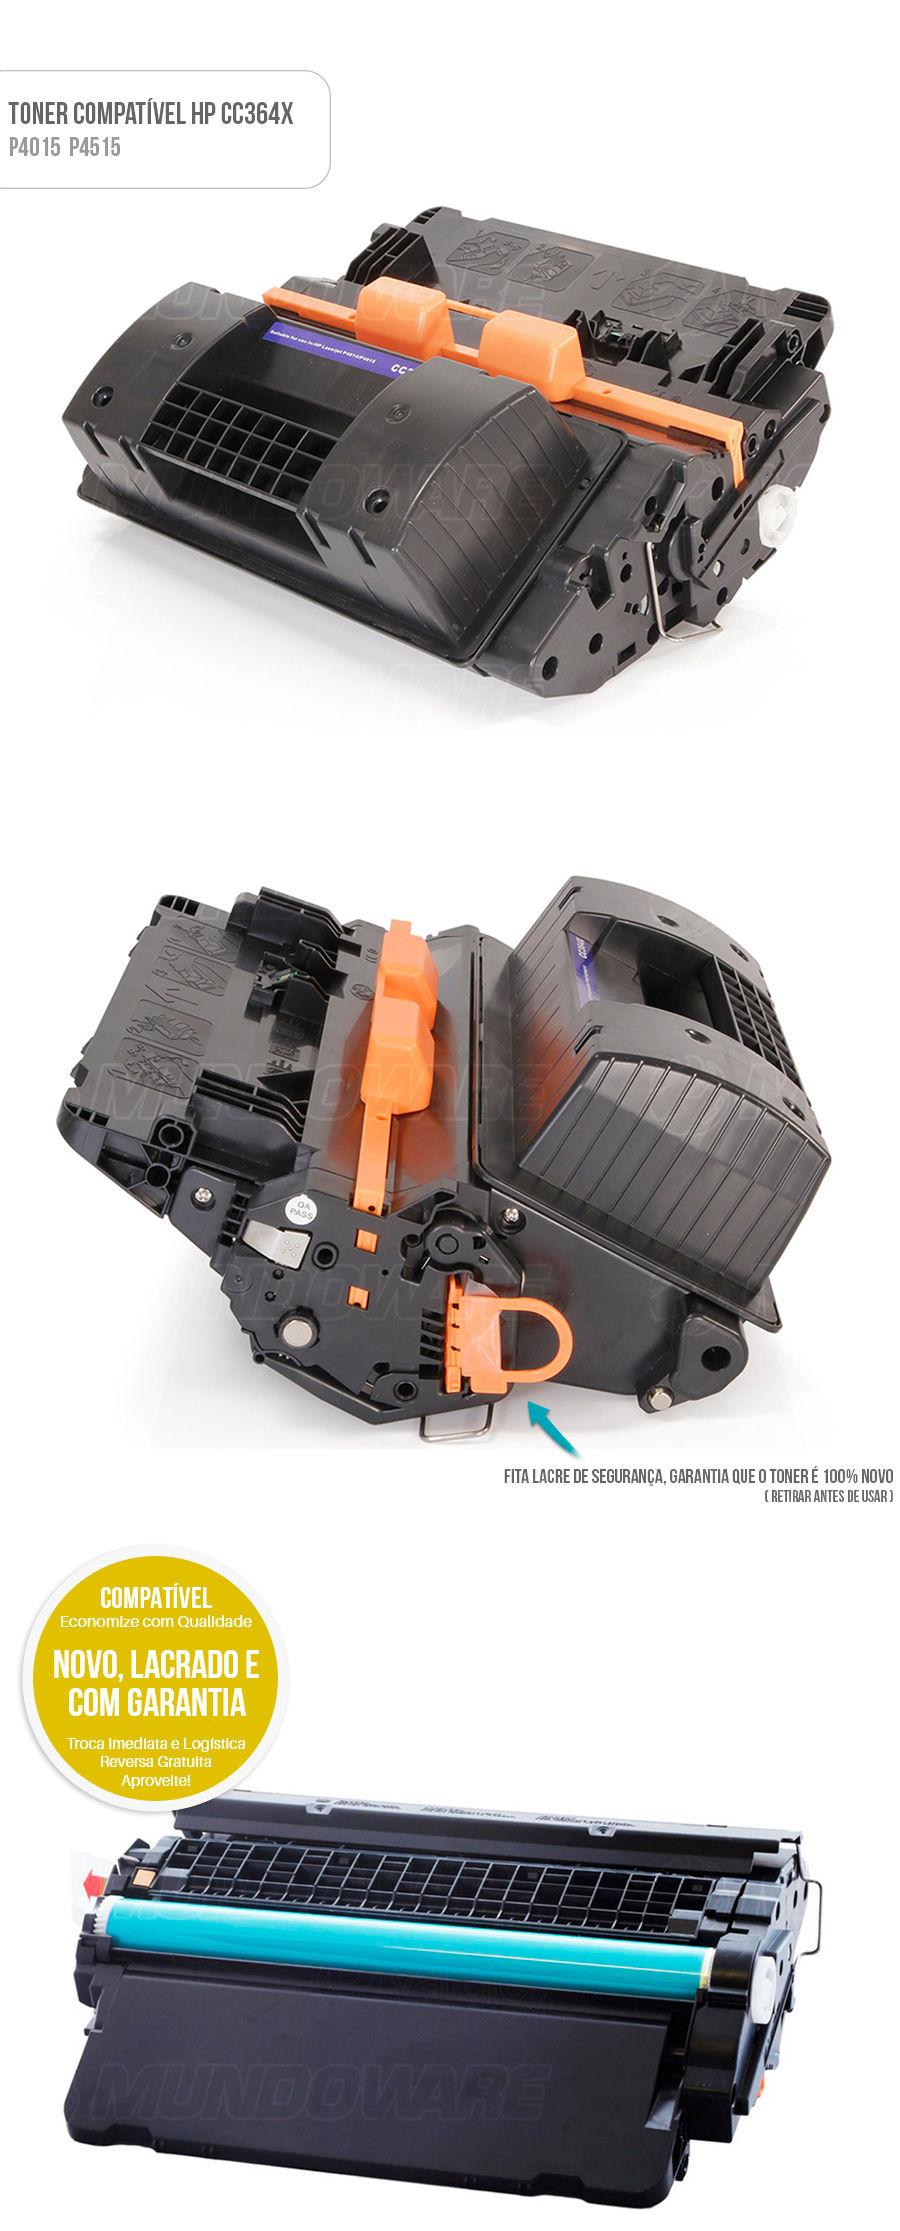 Toner Compativel para P4015 P4015N P4015DN P4015TN P4515 P4515N P4515X P4515TN P4515DN P4515XM